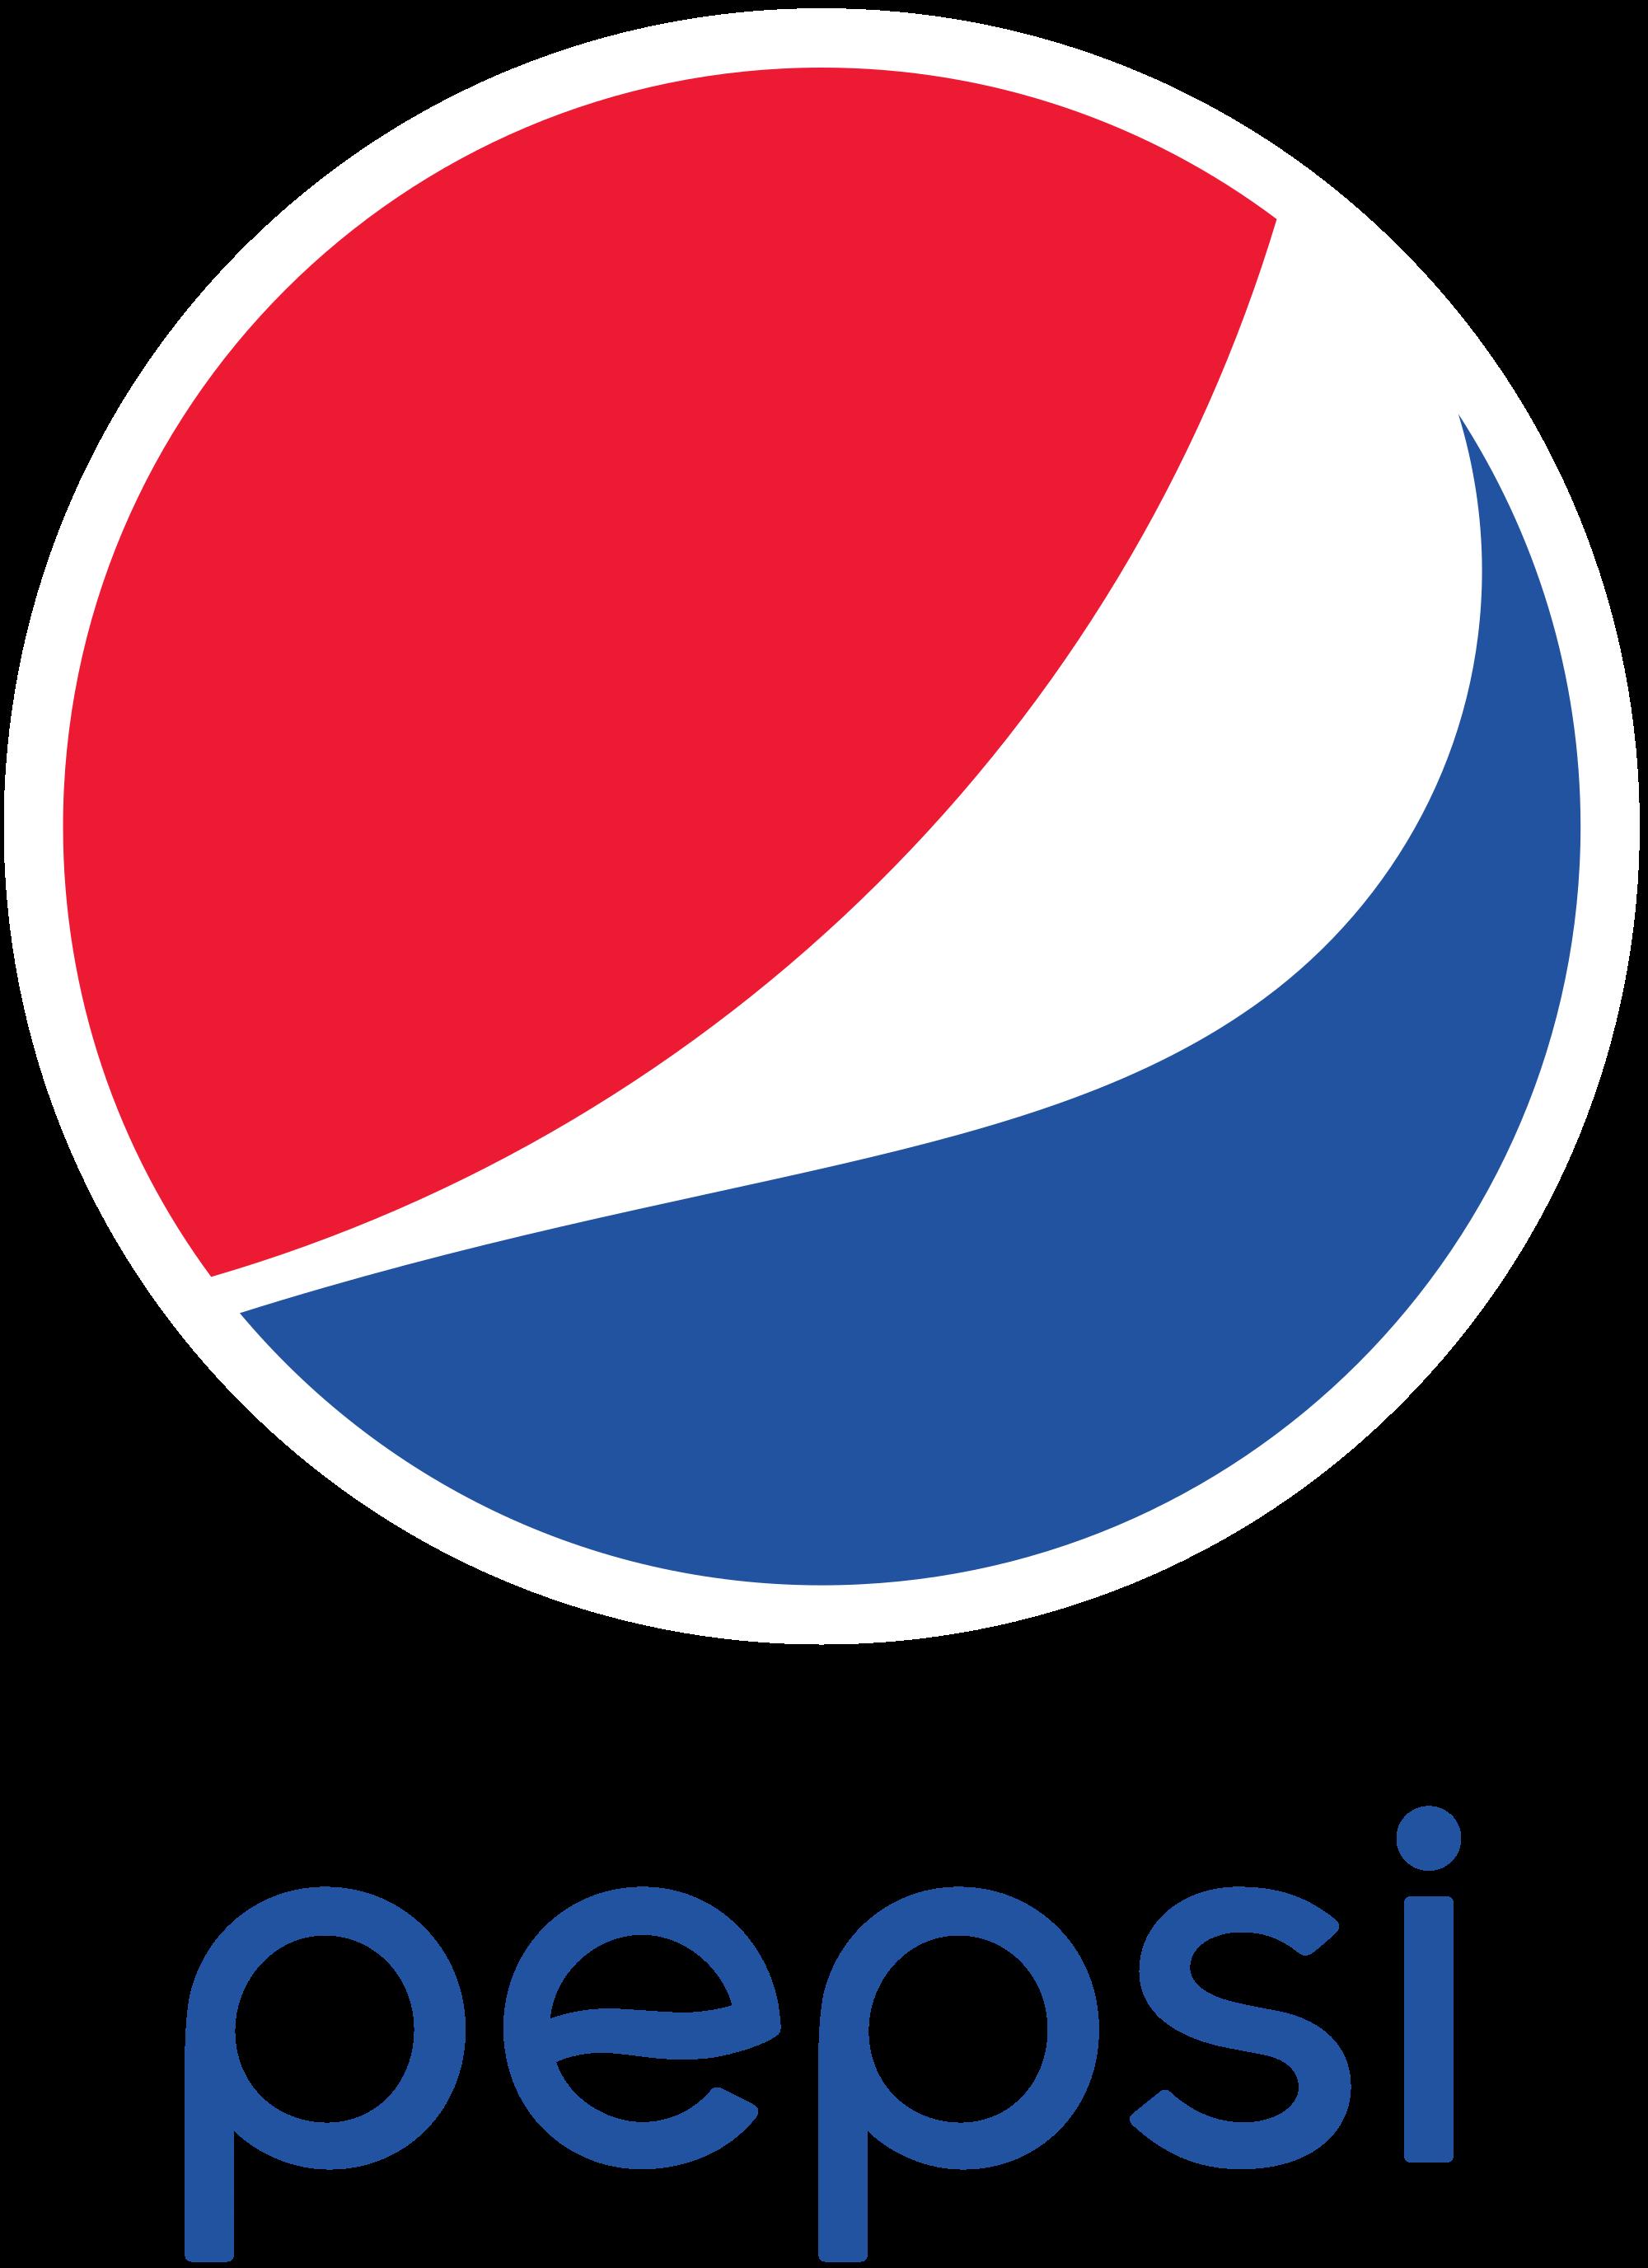 Pepsi News